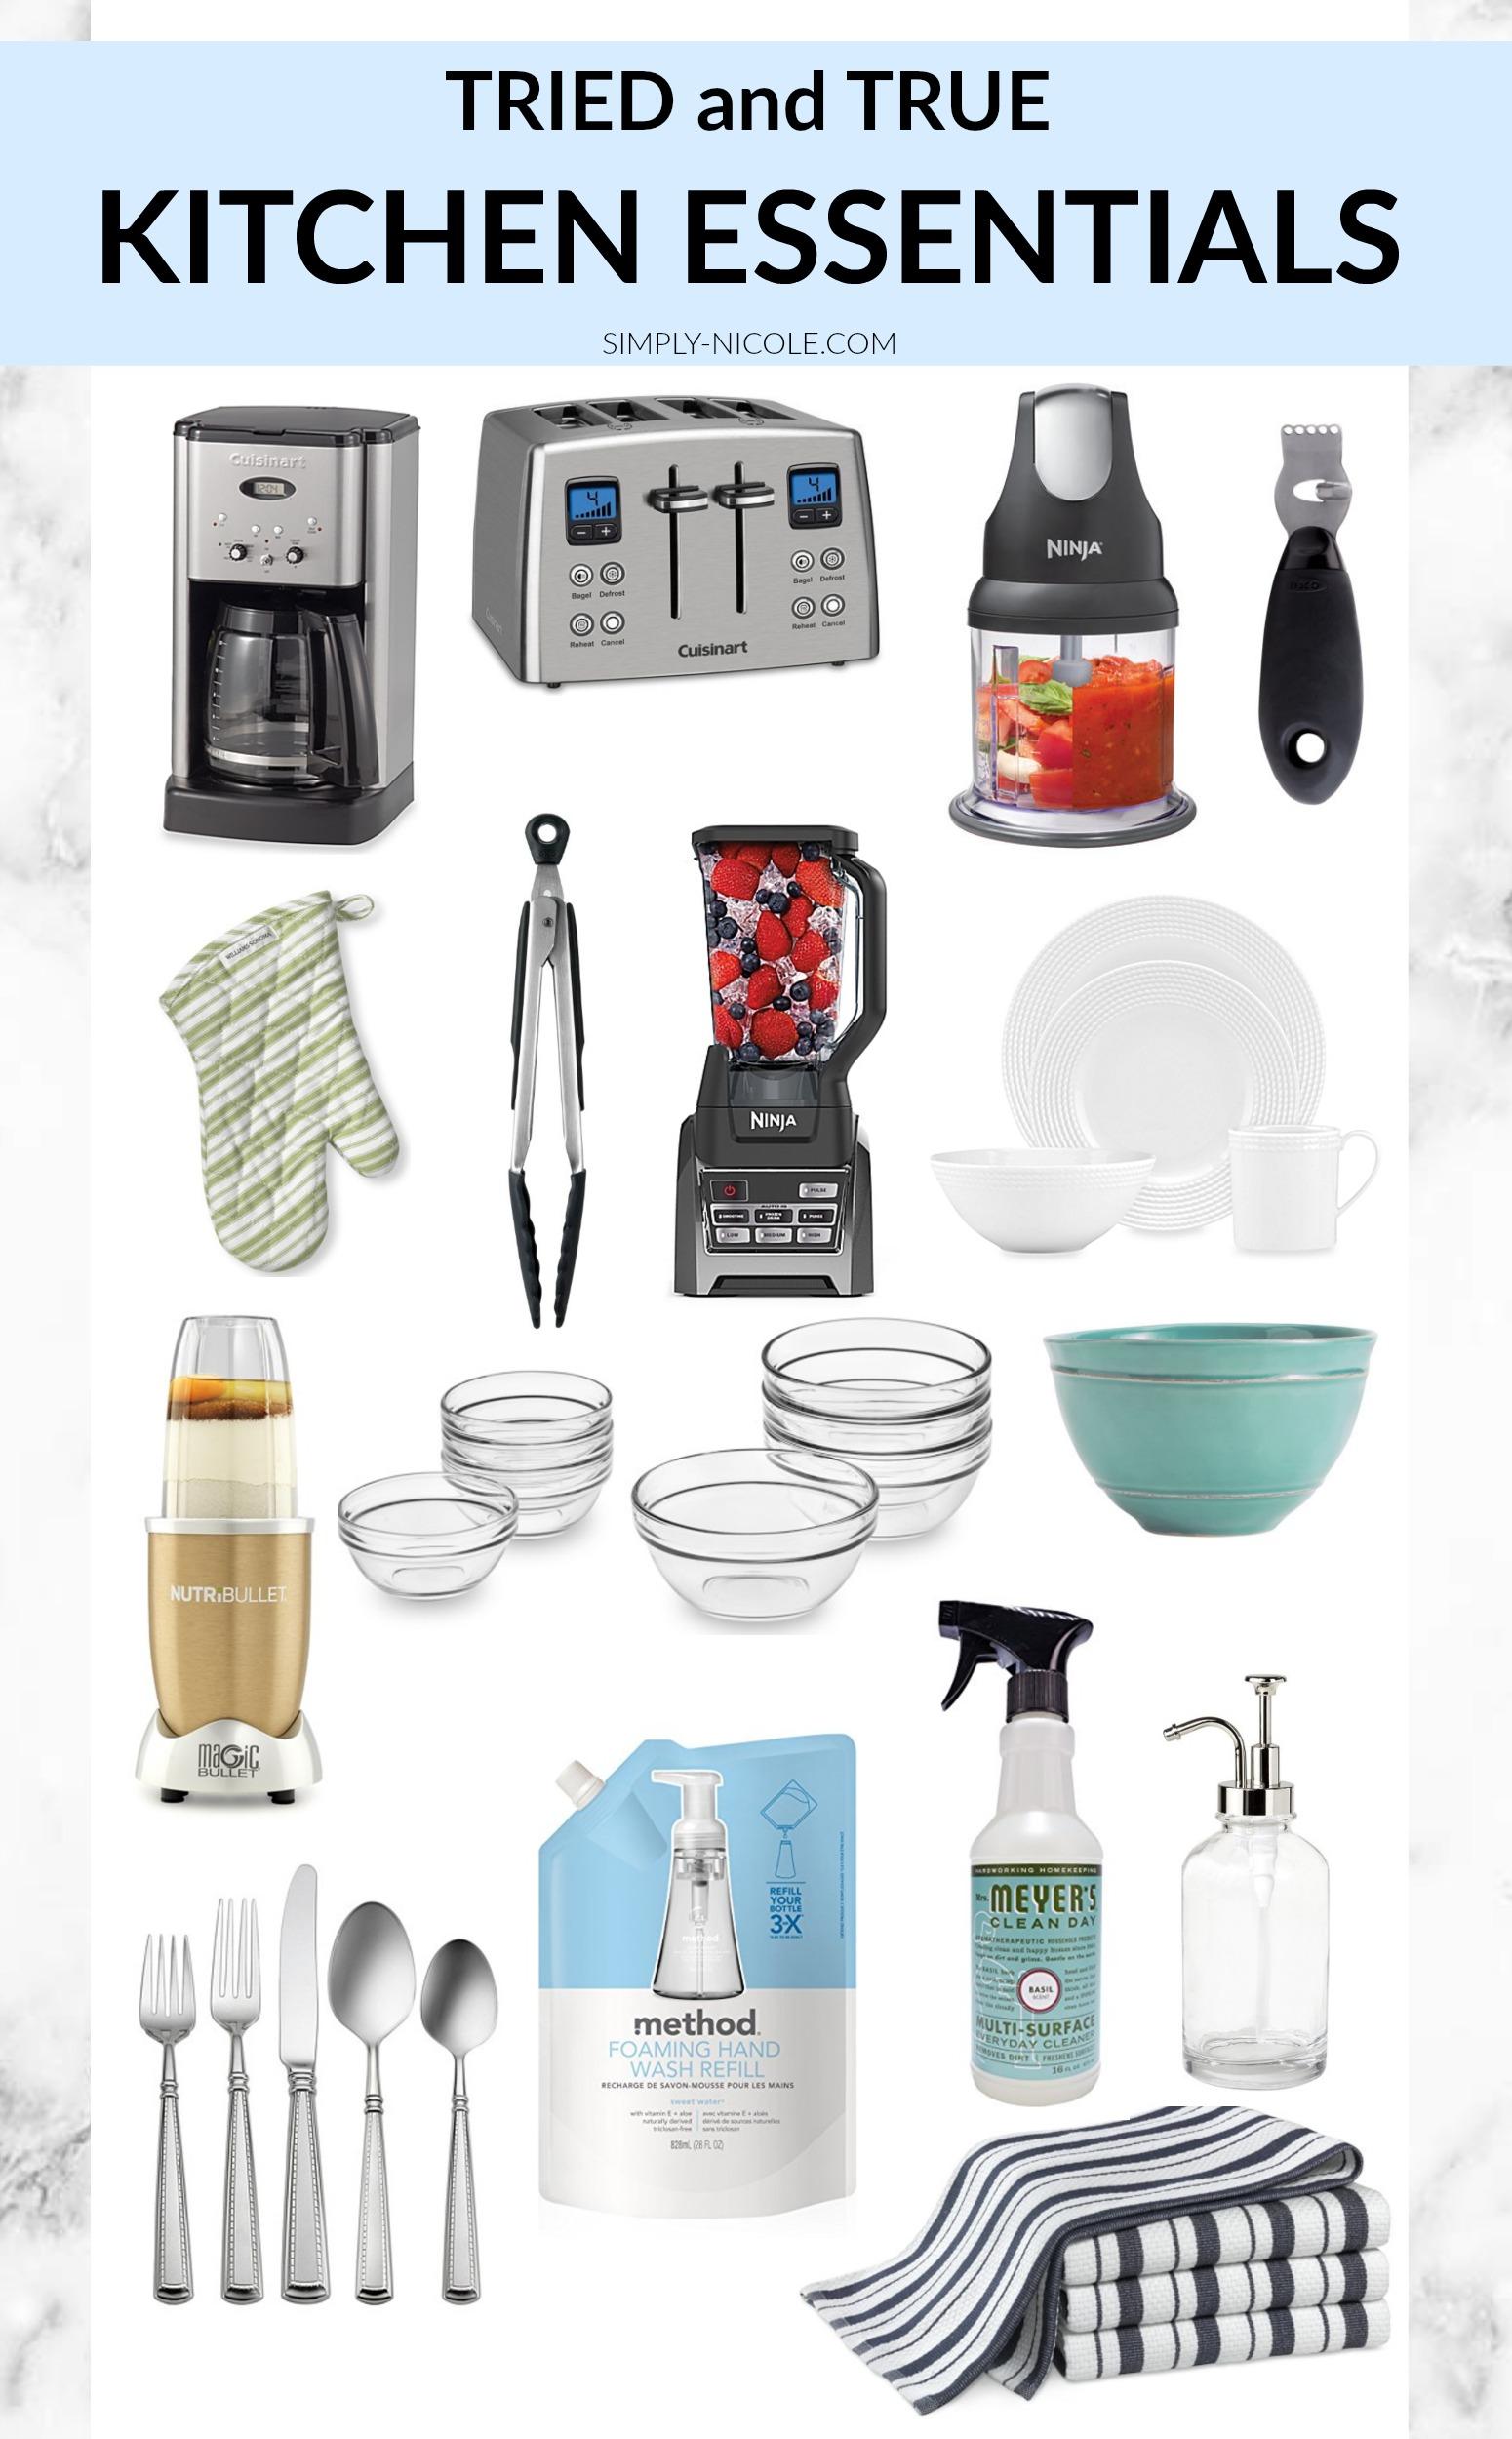 Tried and true kitchen essentials via simply-nicole.com